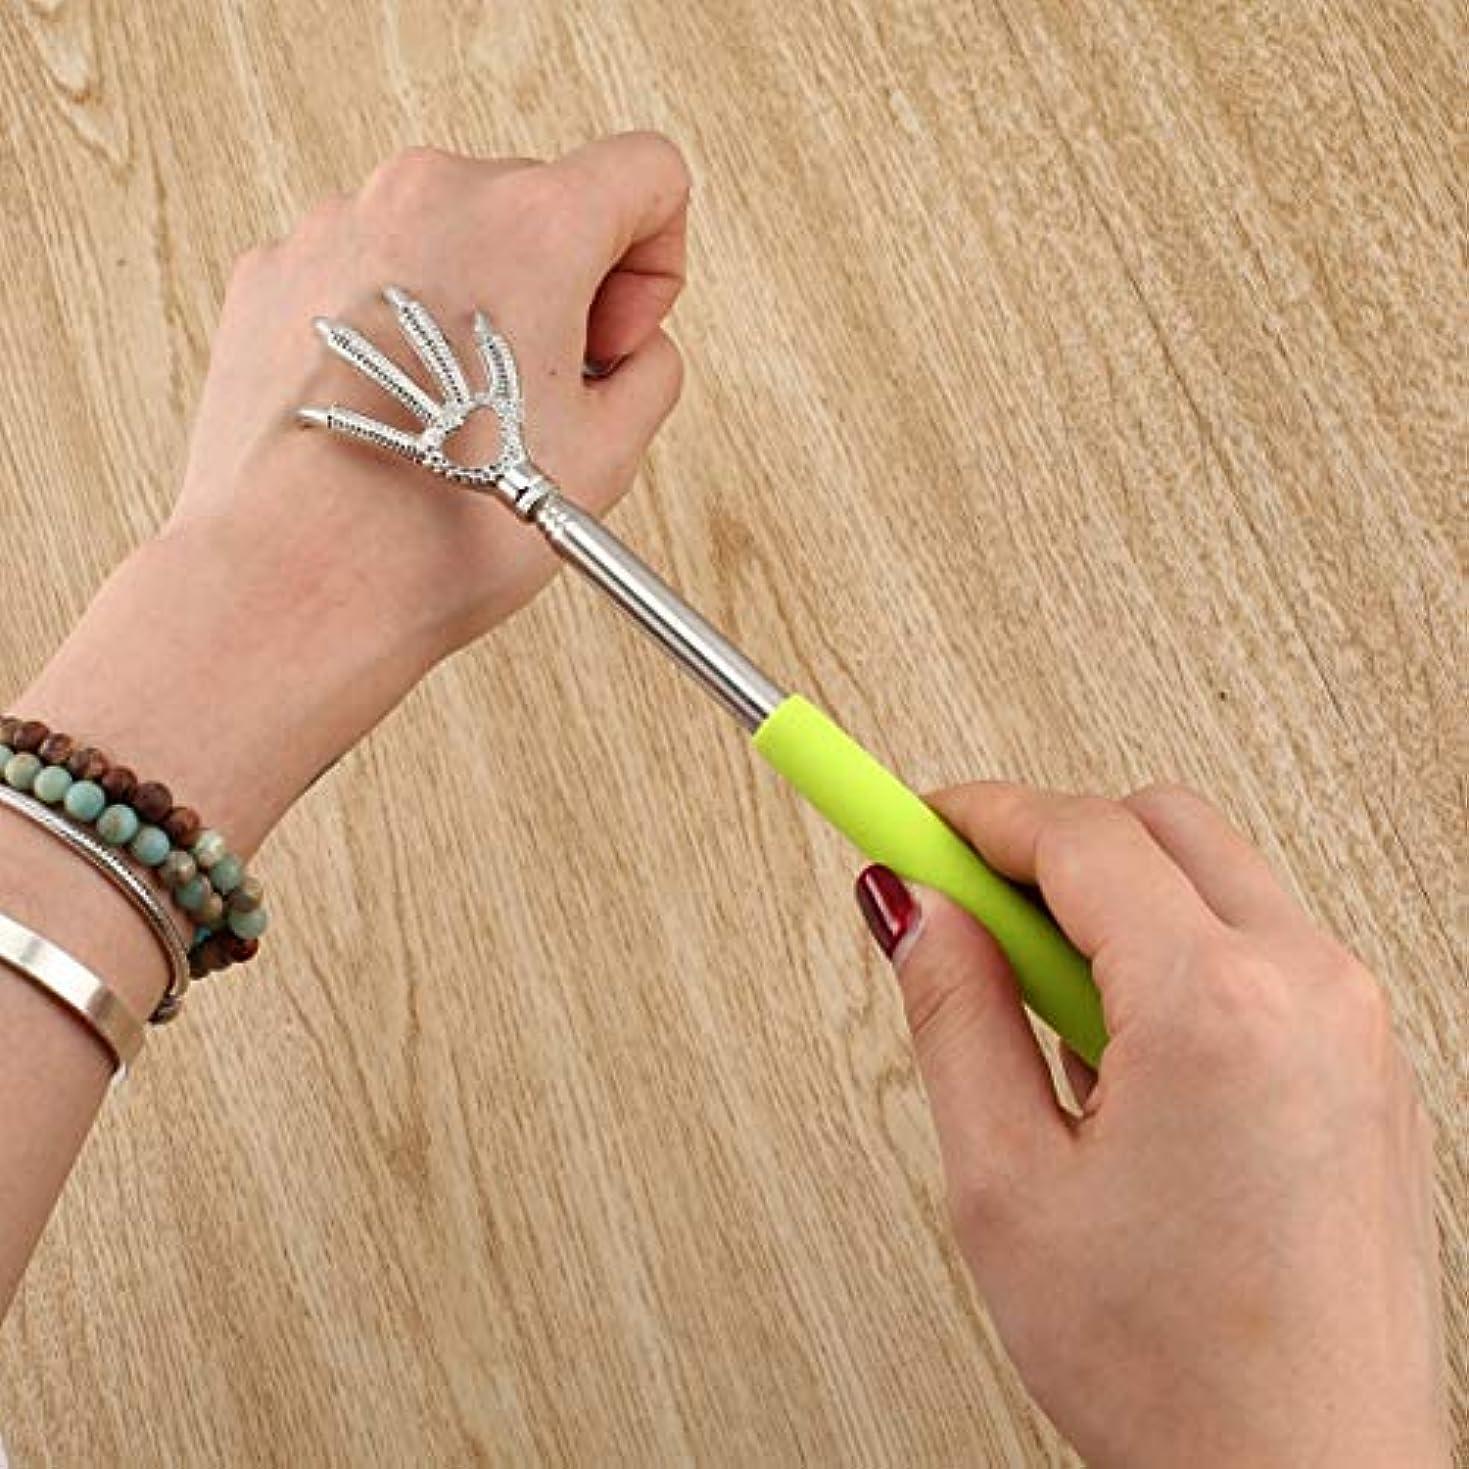 陪審排泄する心臓Compact Telescopic Claw Stainless Steel Massager Back Scratcher 22-58cm Adjustable Back Scratching Massage Hand...